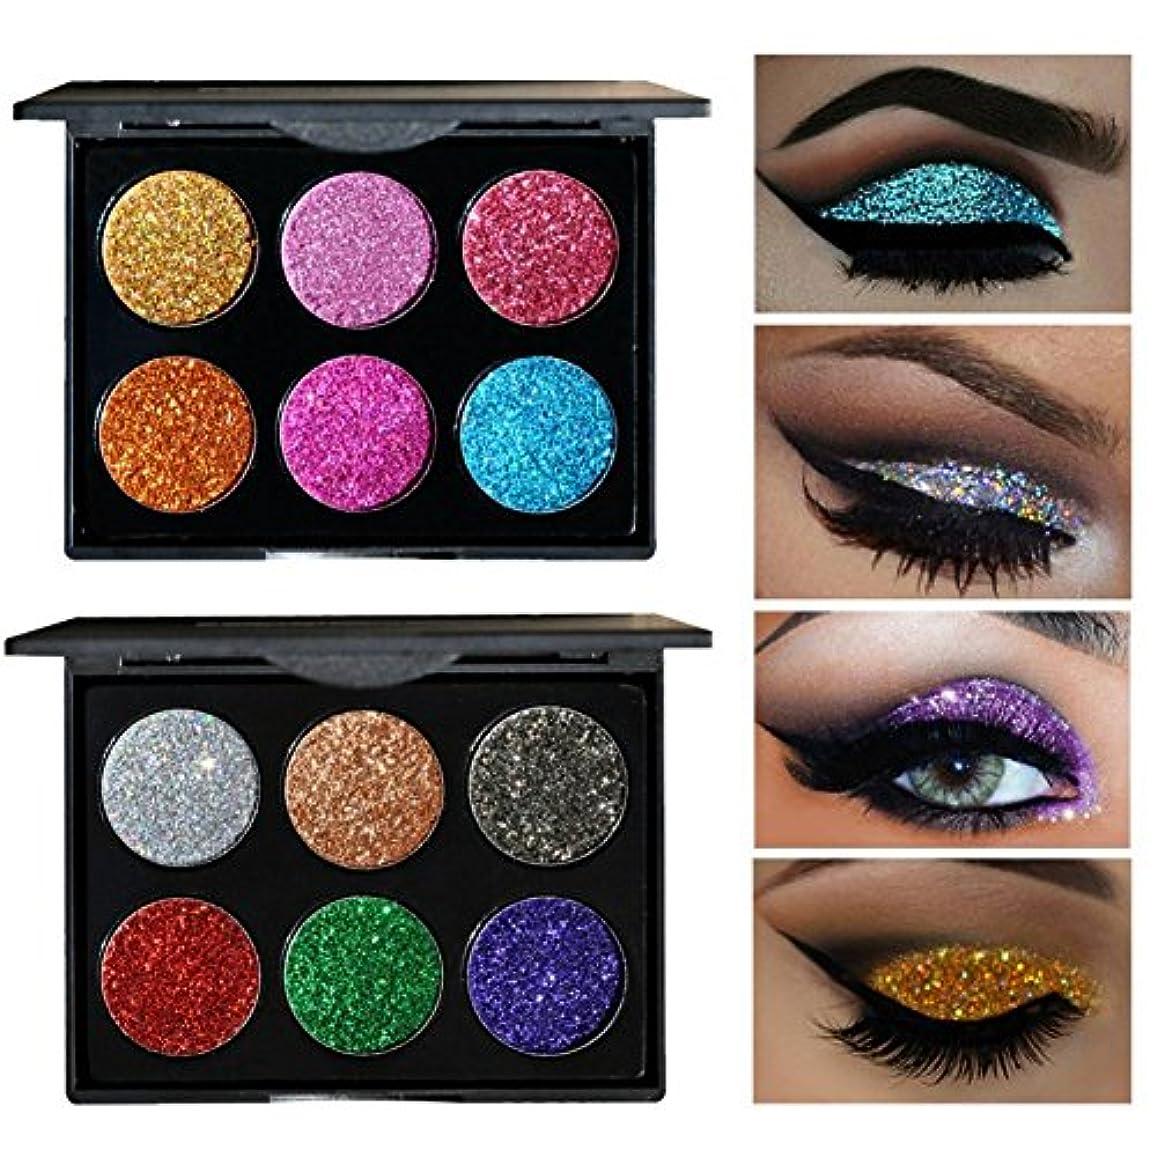 スロット農奴不均一HANDAIYAN 6 Colors Glitter Eye Shadow Brighten Palette Flash Shimmer Natural Glitter Fix Gel Cosmetic Makeup Body...